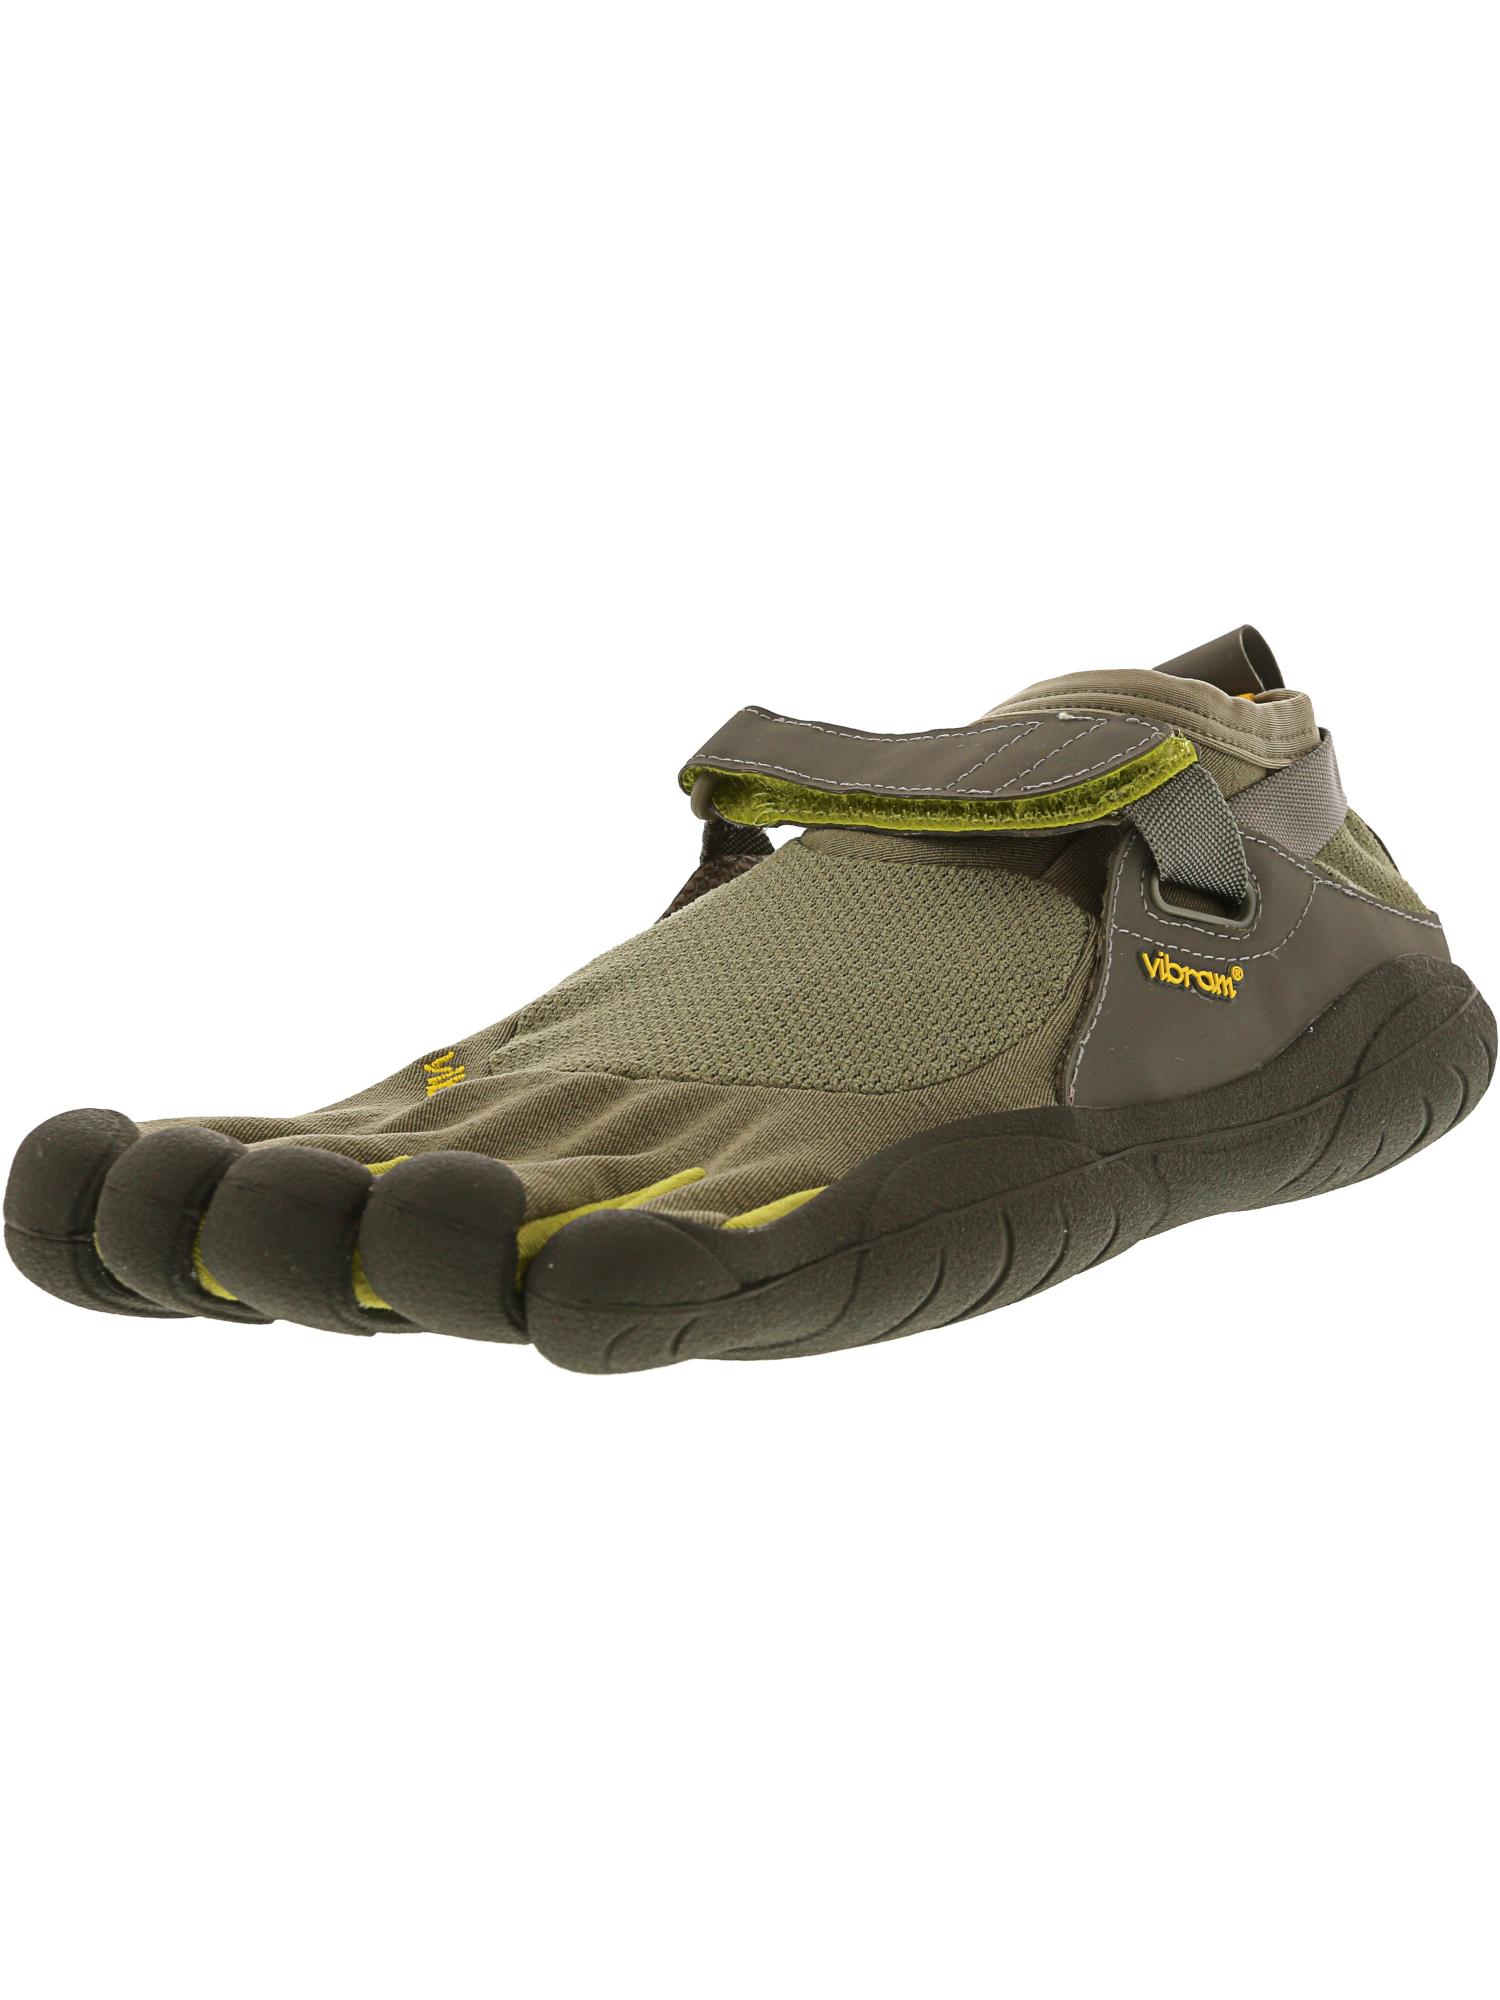 Vibram  Five Fingers Kso Training scarpe  stanno facendo attività di sconto